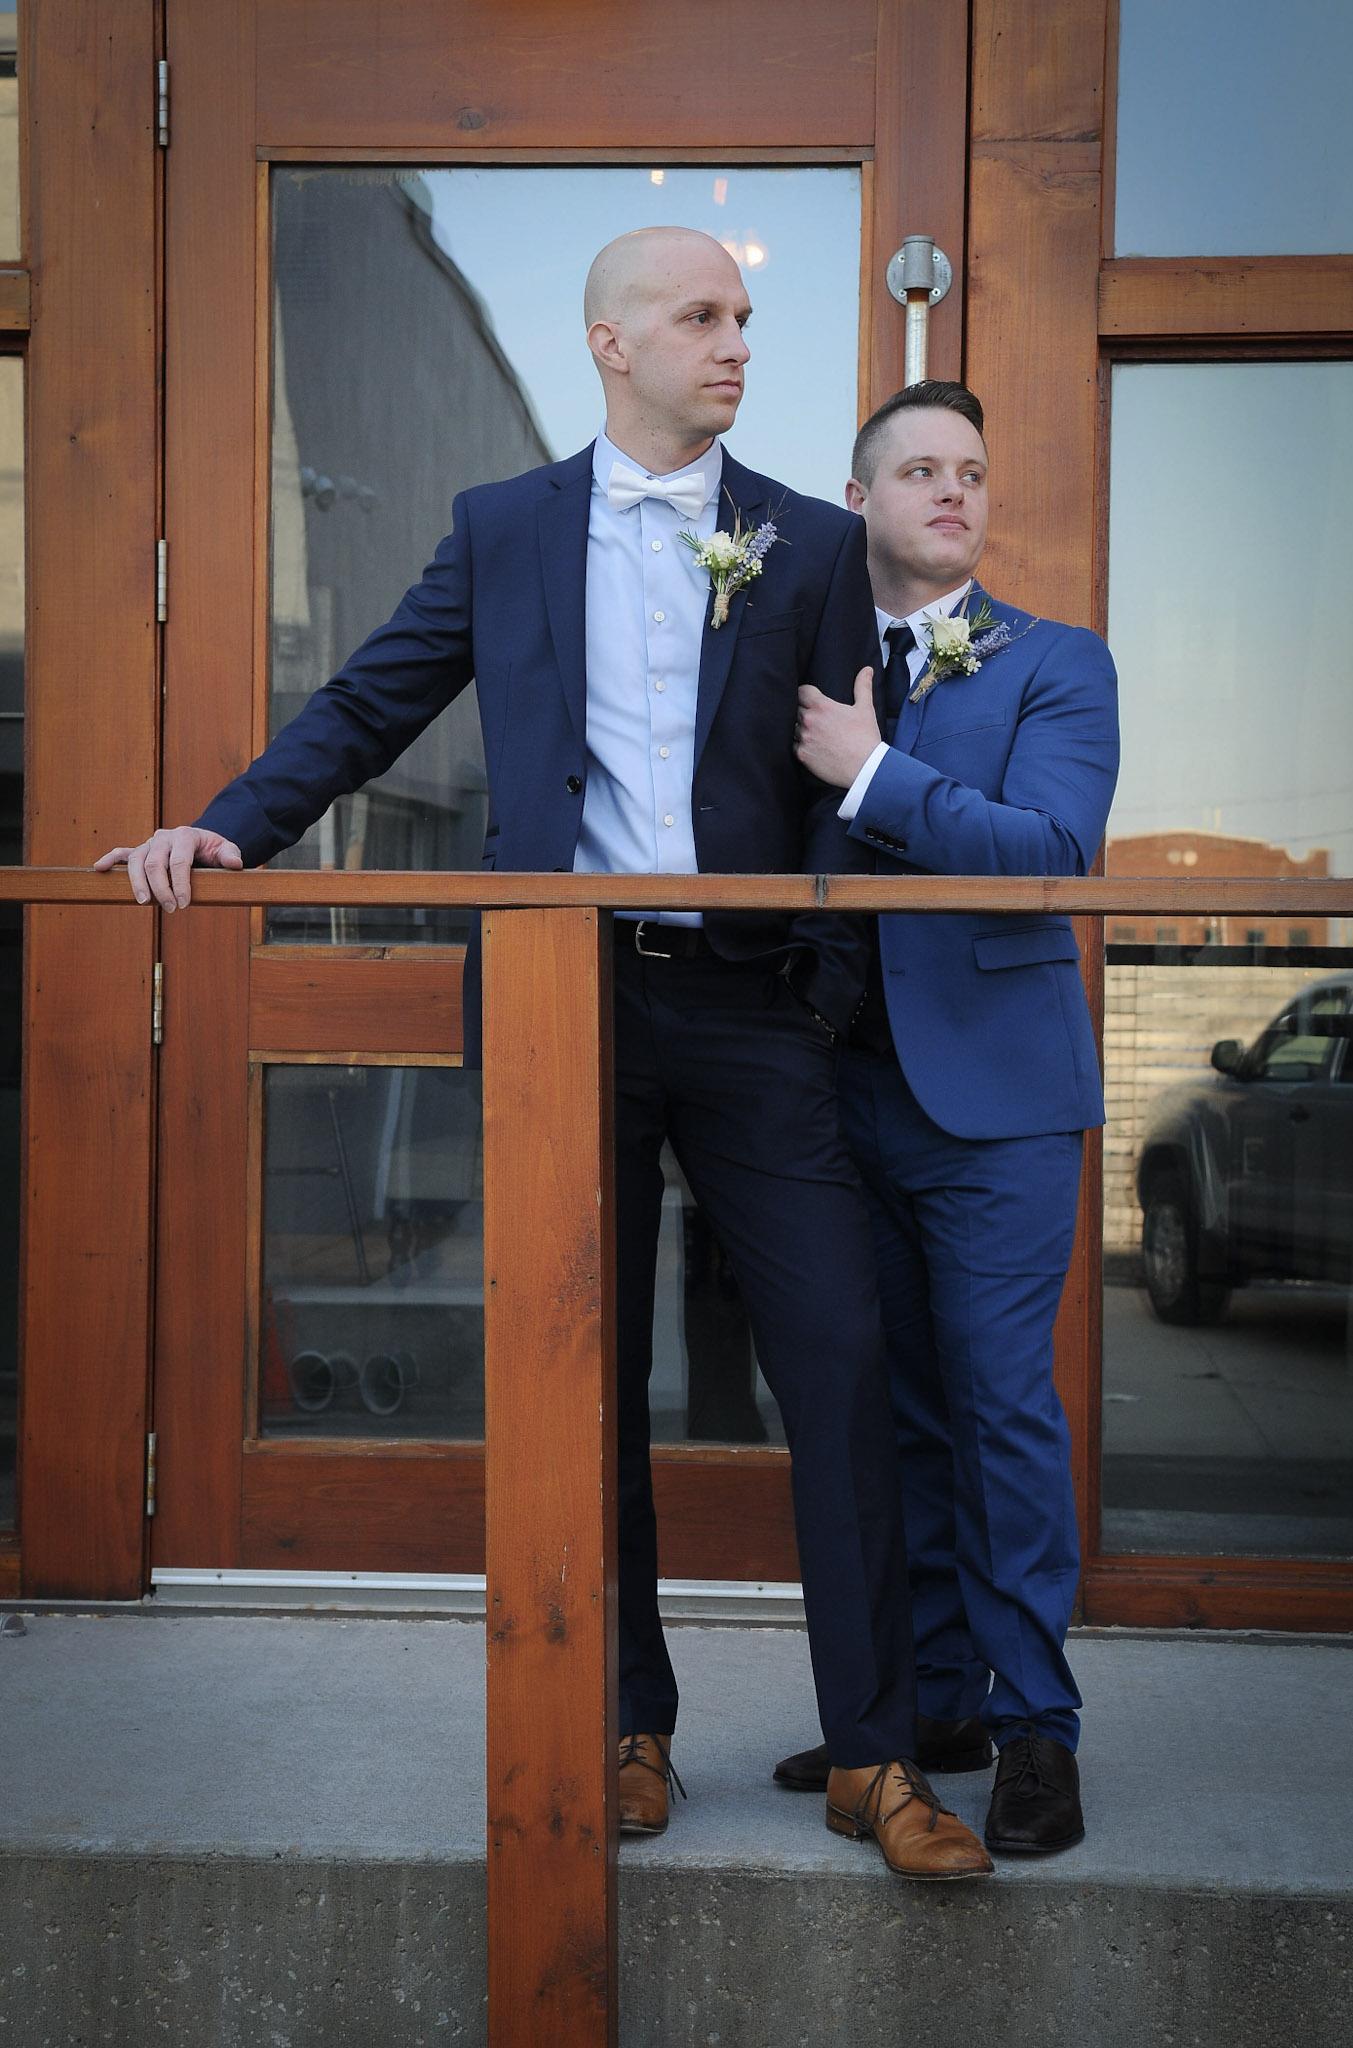 Kansas_City_Small_Intimate_Budget_Wedding_Venue_IMG_7559.jpg